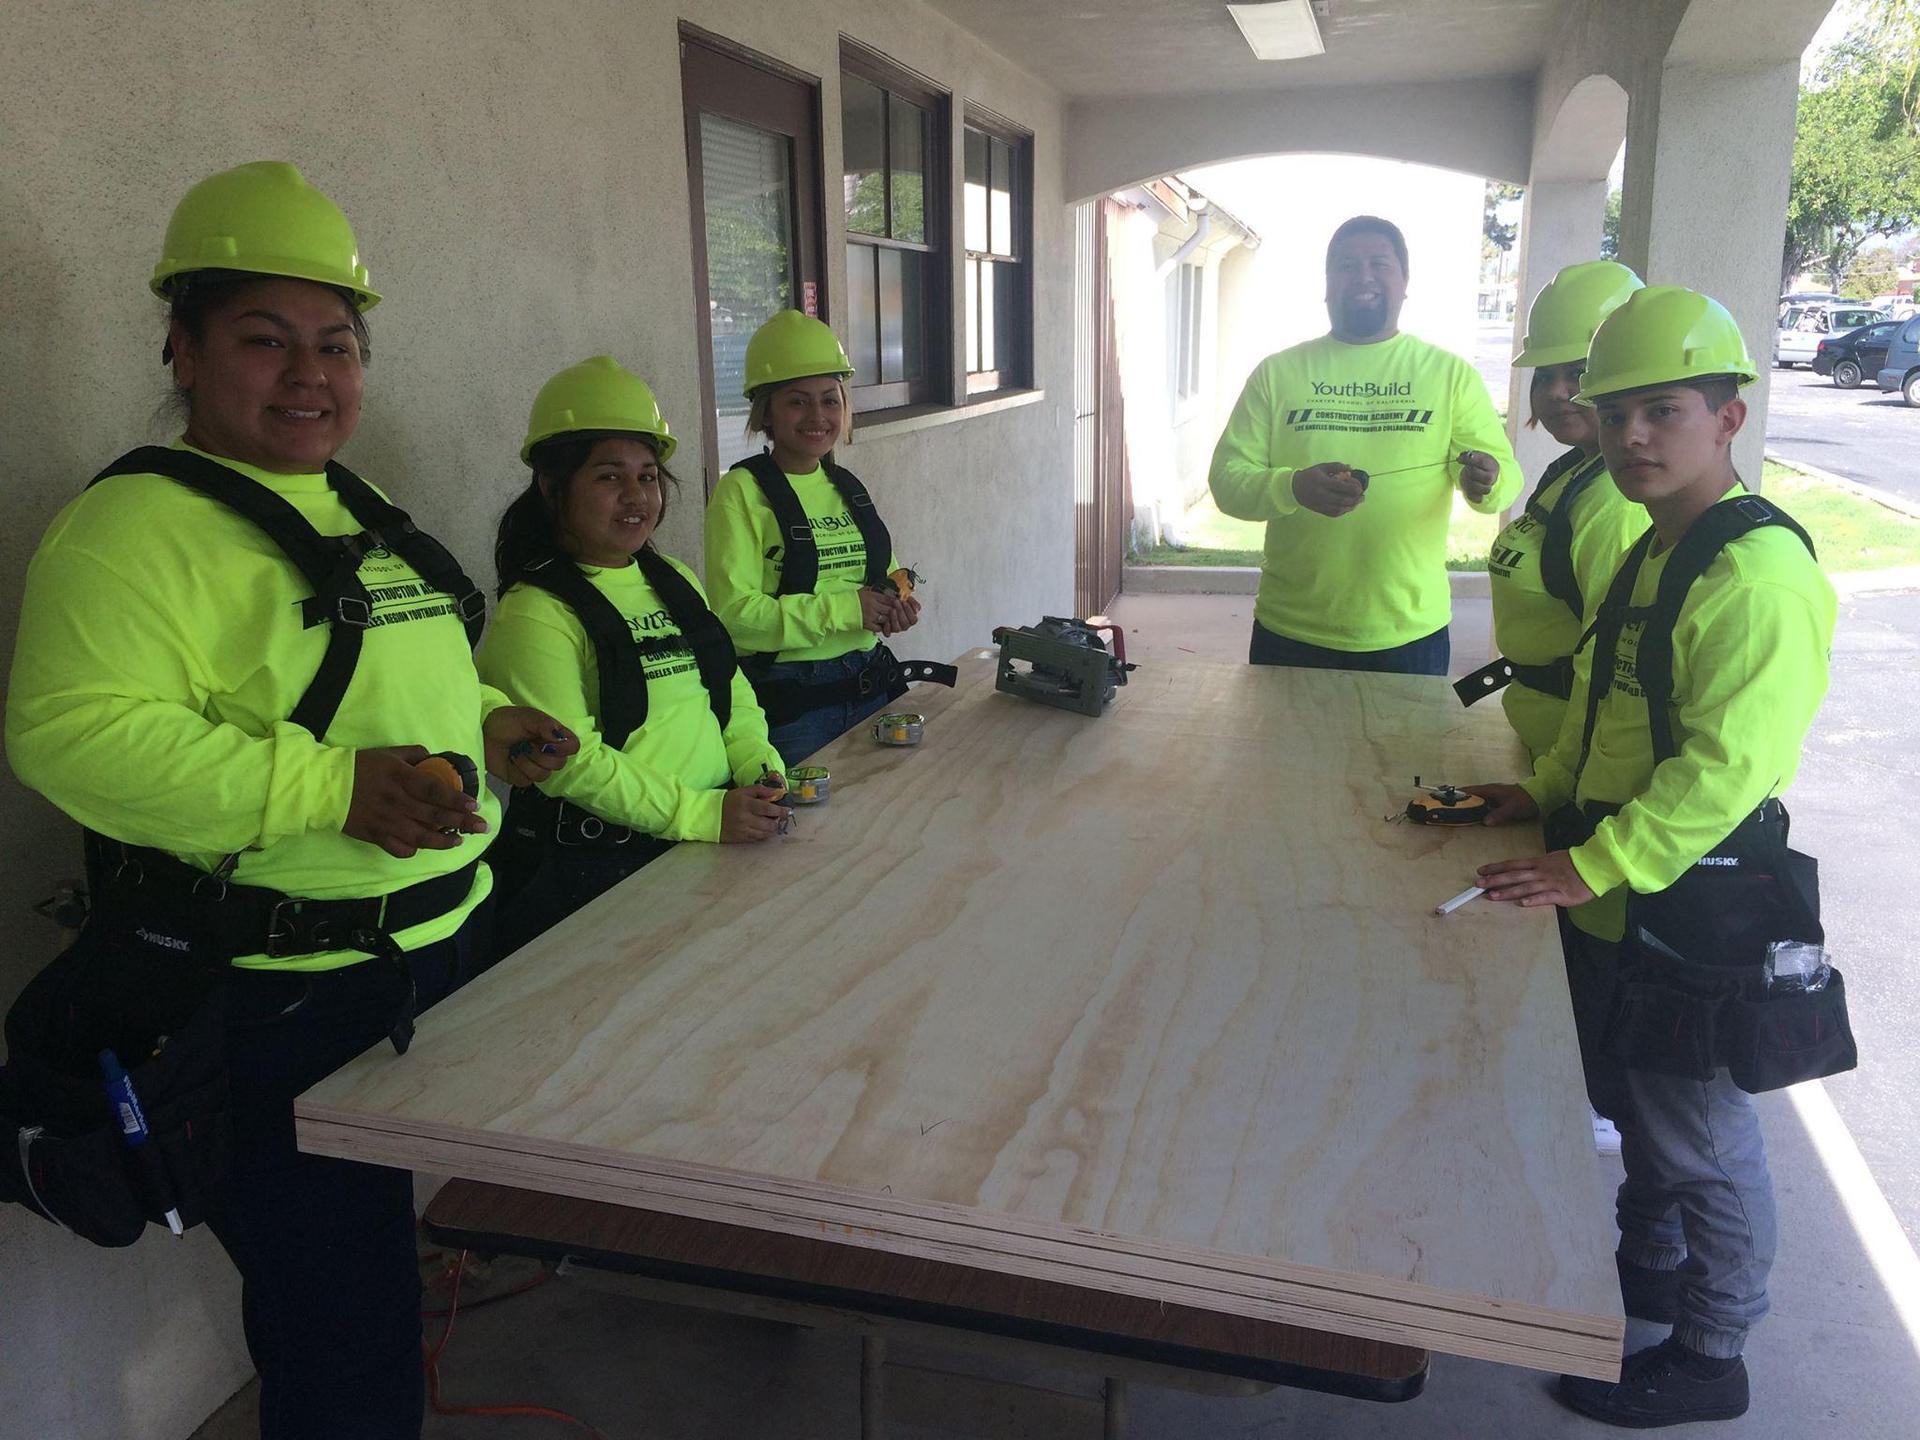 El Monte construction students